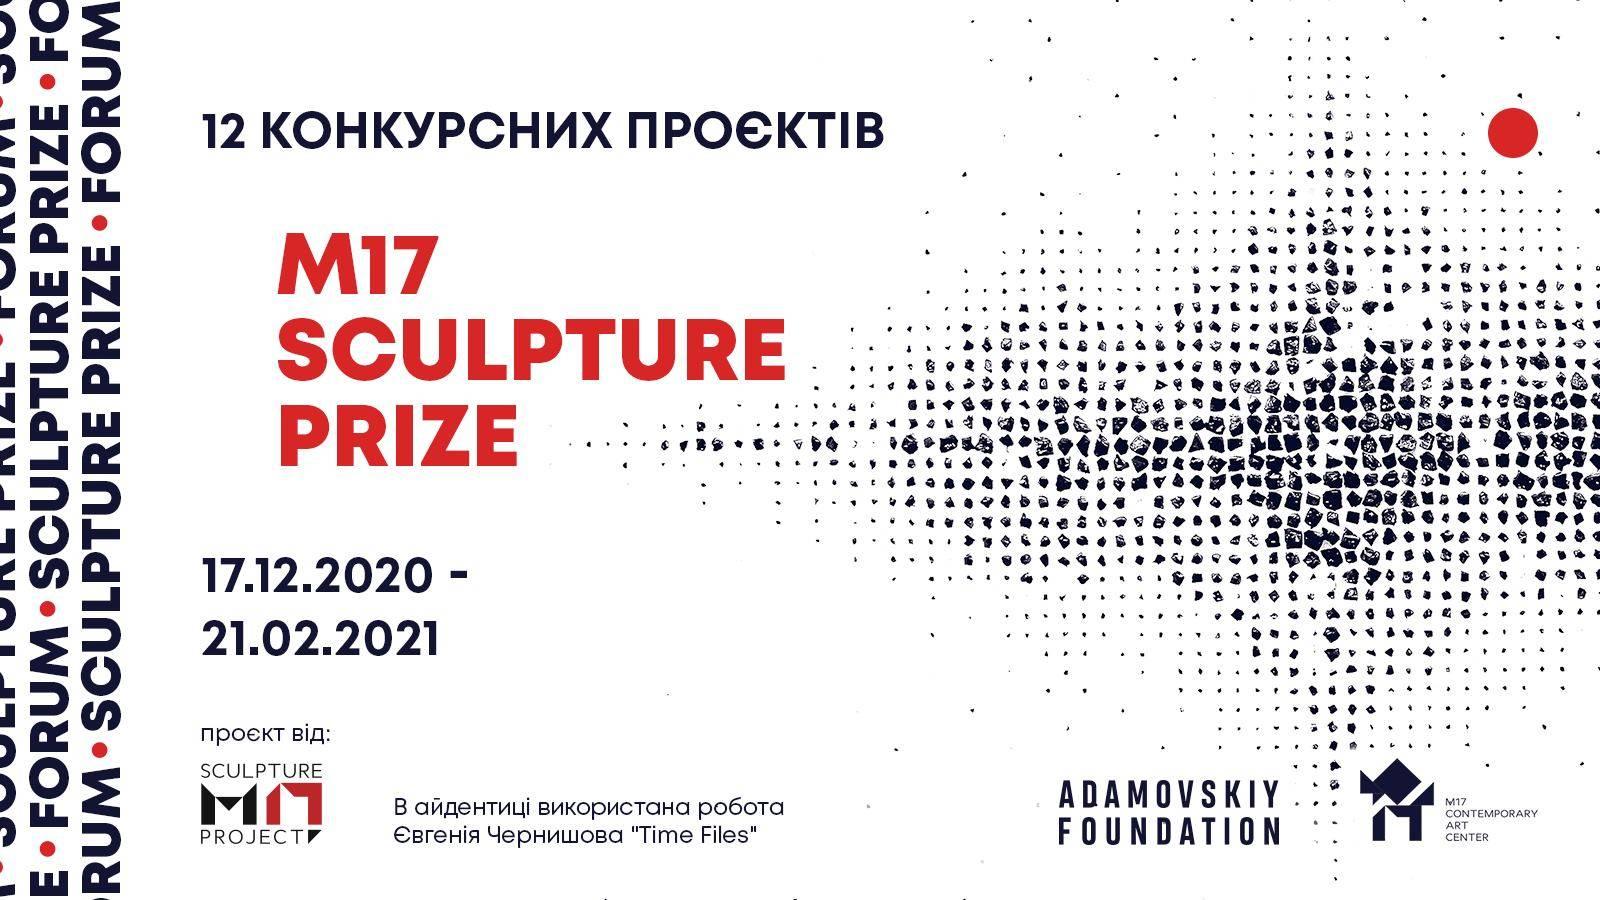 Виставка робіт номінантів Премії в М17